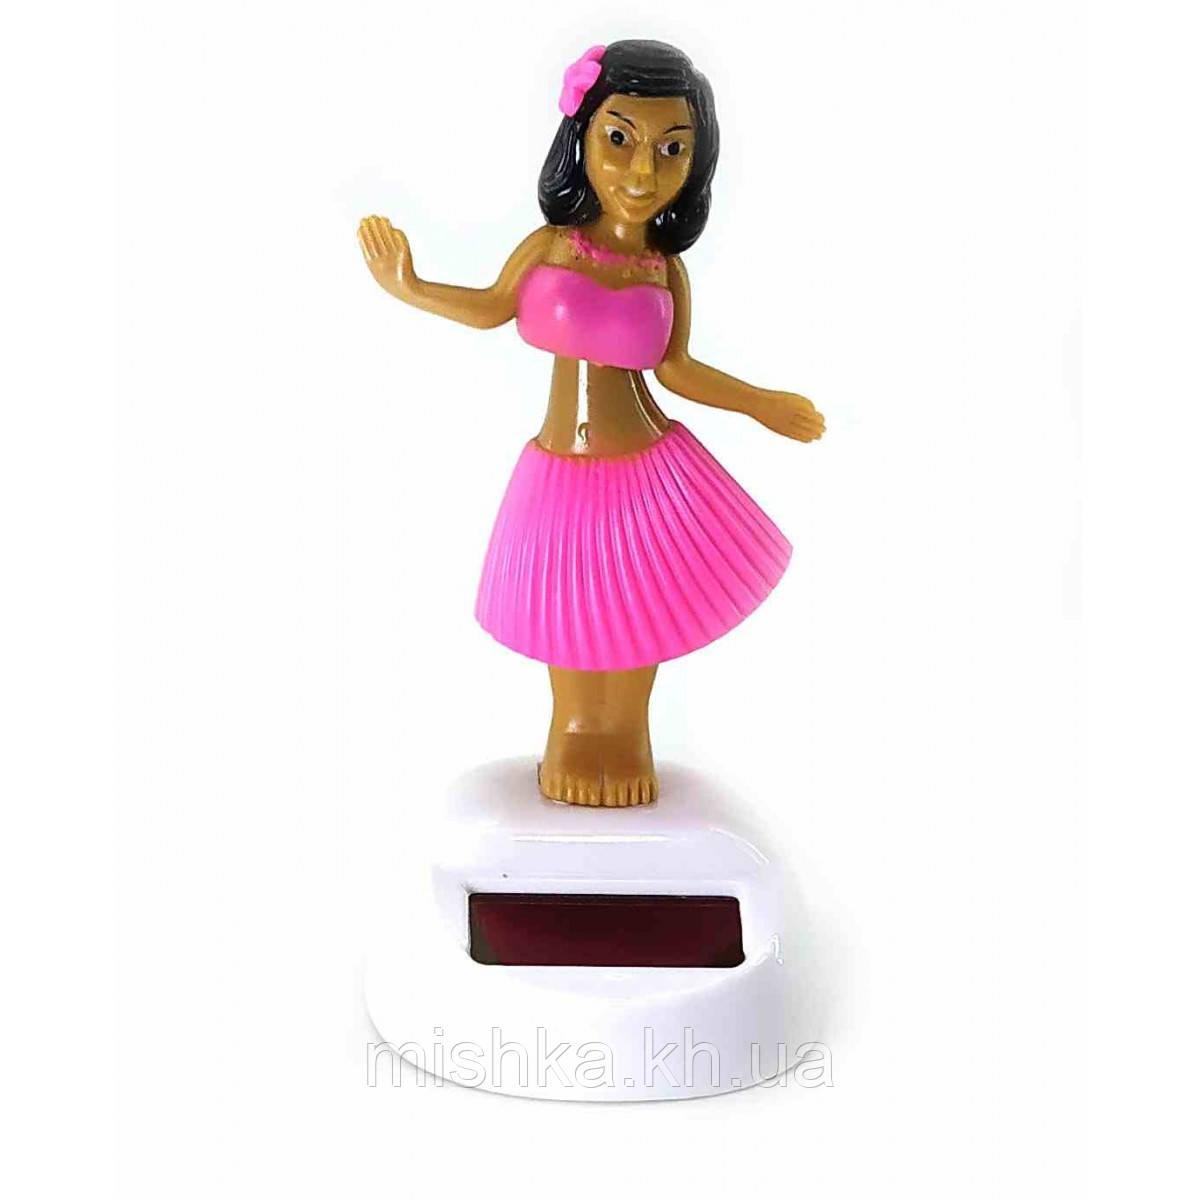 Гавайська дівчина танцює на сонячній батареї (Flip Flap) (10,5х6х6 см)